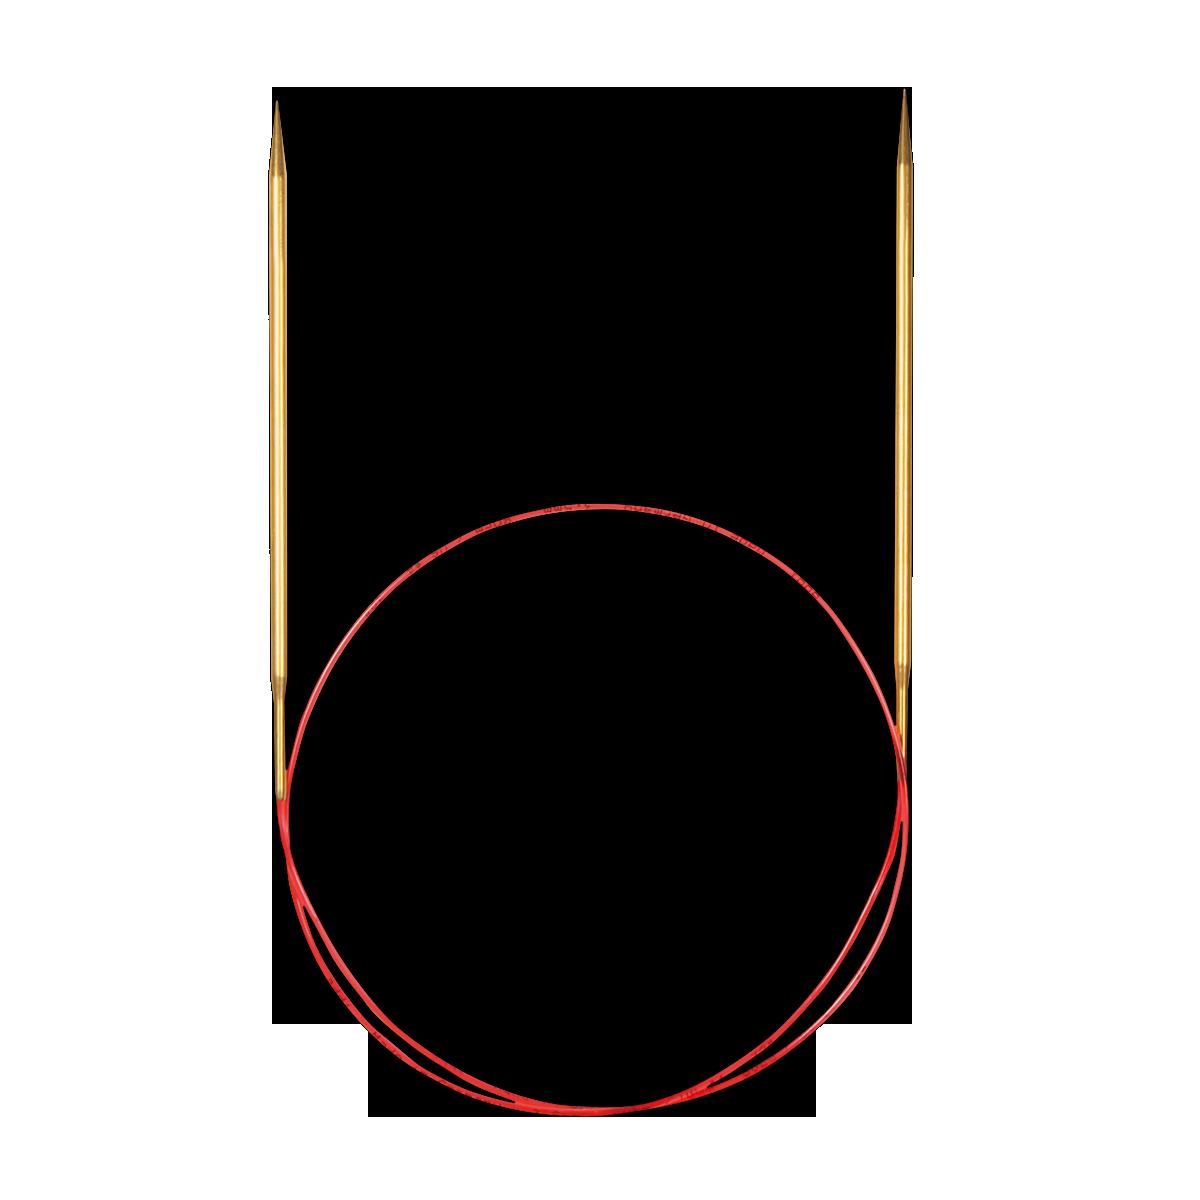 Addi Спицы круговые с удлинённым кончиком позолоченные 50см